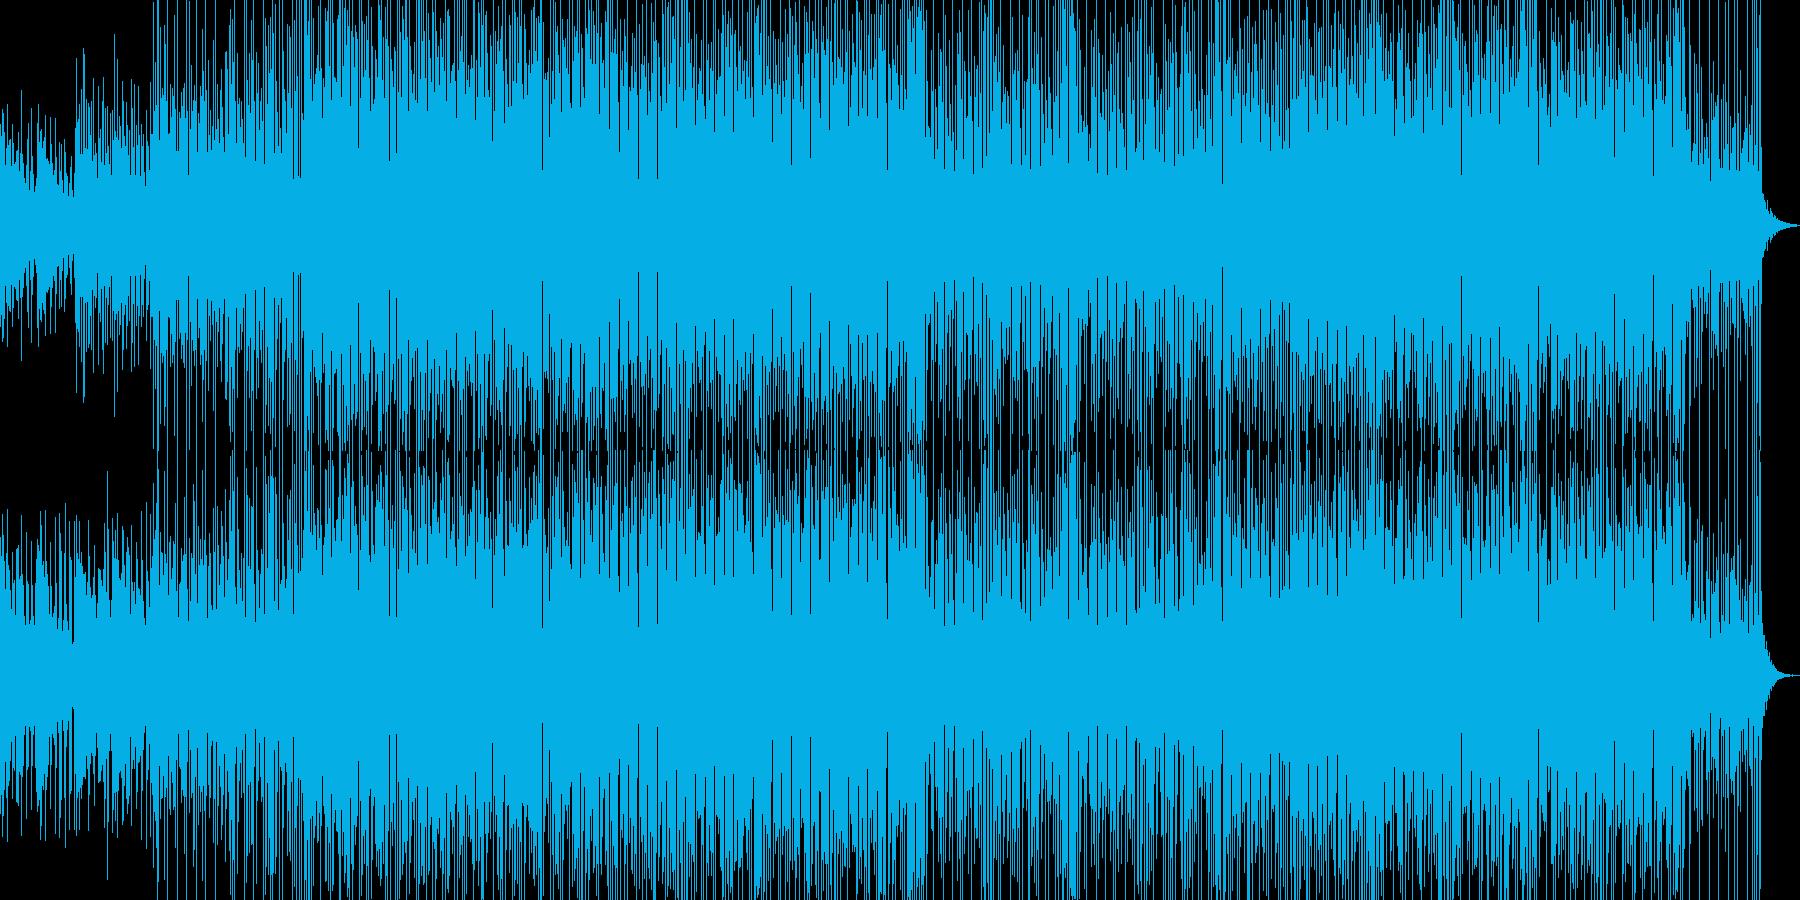 アンニュイな感じのBGMの再生済みの波形